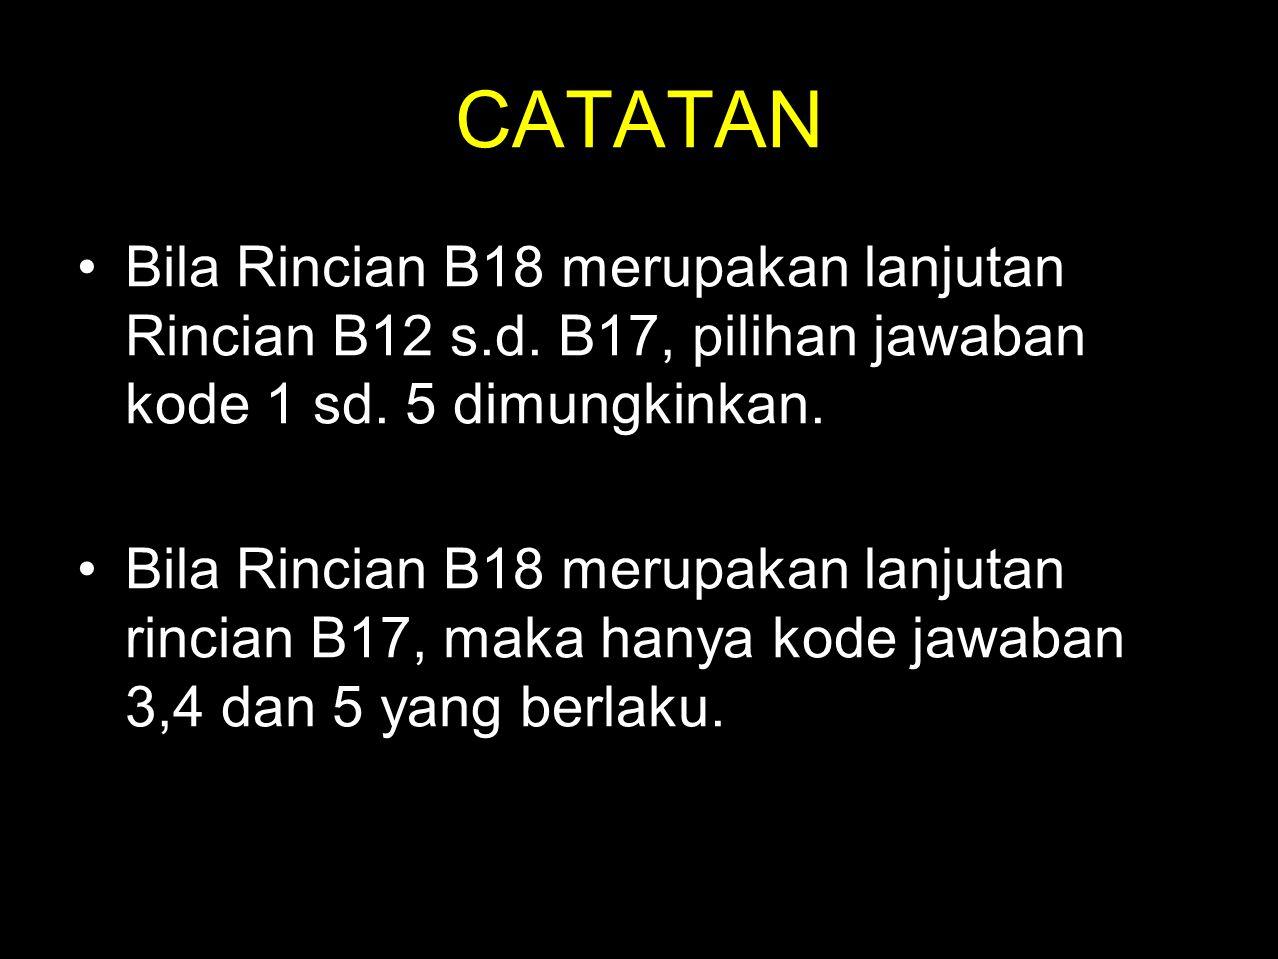 CATATAN •Bila Rincian B18 merupakan lanjutan Rincian B12 s.d. B17, pilihan jawaban kode 1 sd. 5 dimungkinkan. •Bila Rincian B18 merupakan lanjutan rin